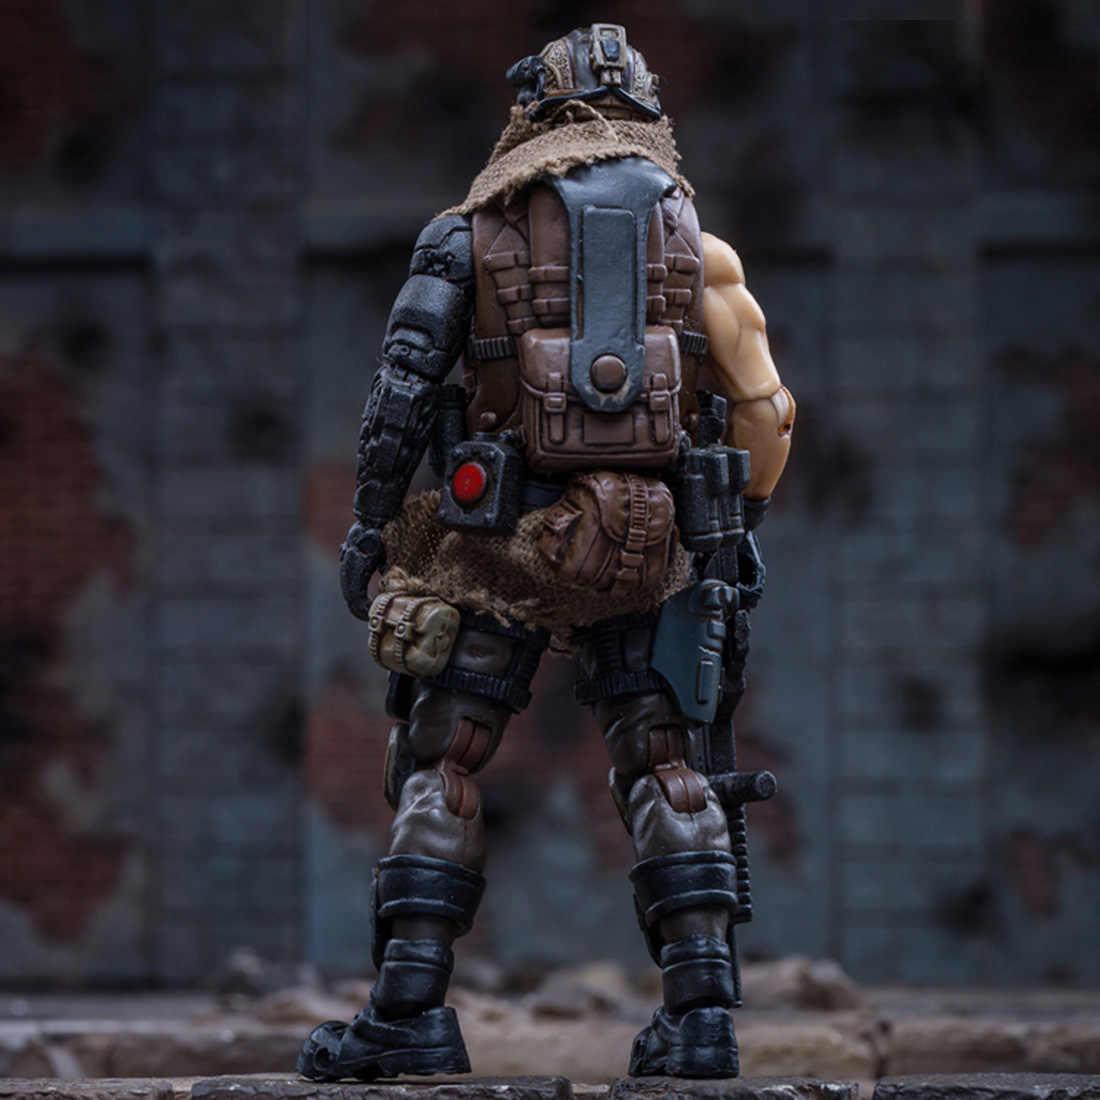 10cm 1/18 realistyczny model żołnierza z wyposażeniem 3D zachodniej azji najemnik Legion DIY montaż grzywny model żołnierza kreatywna zabawka